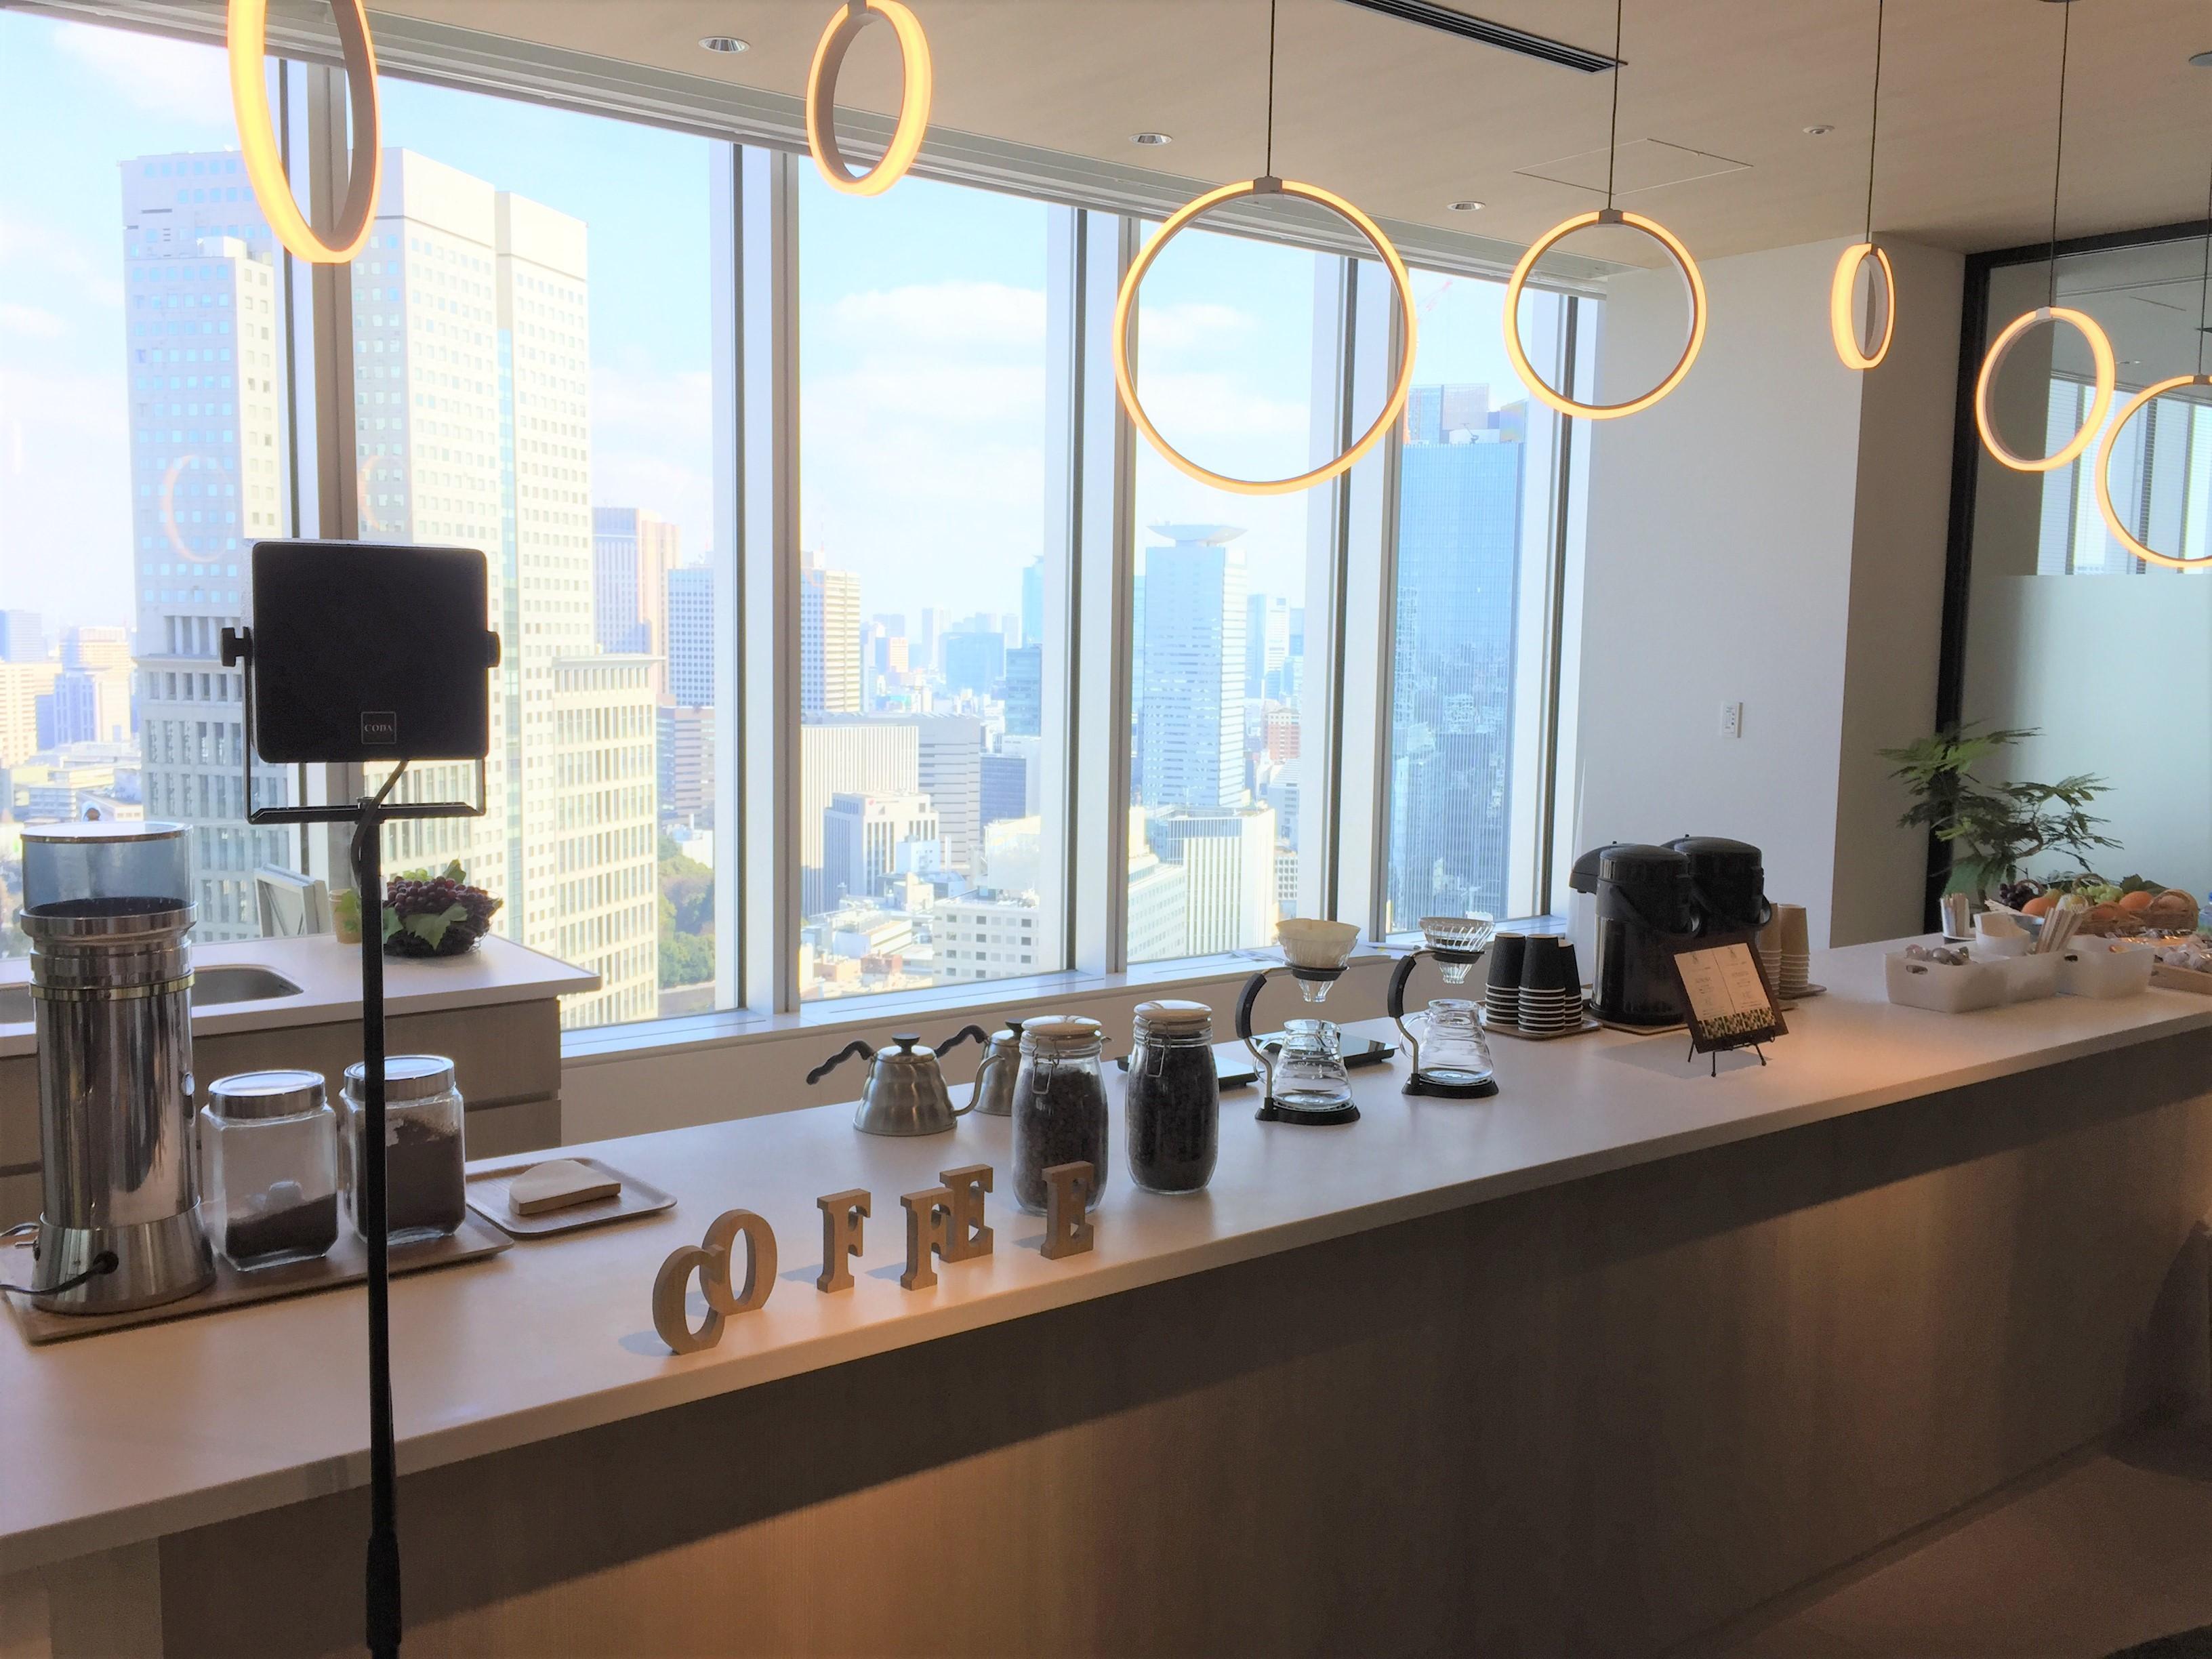 東京都内 企業様オフィス アヴァンテコーヒーケータリング